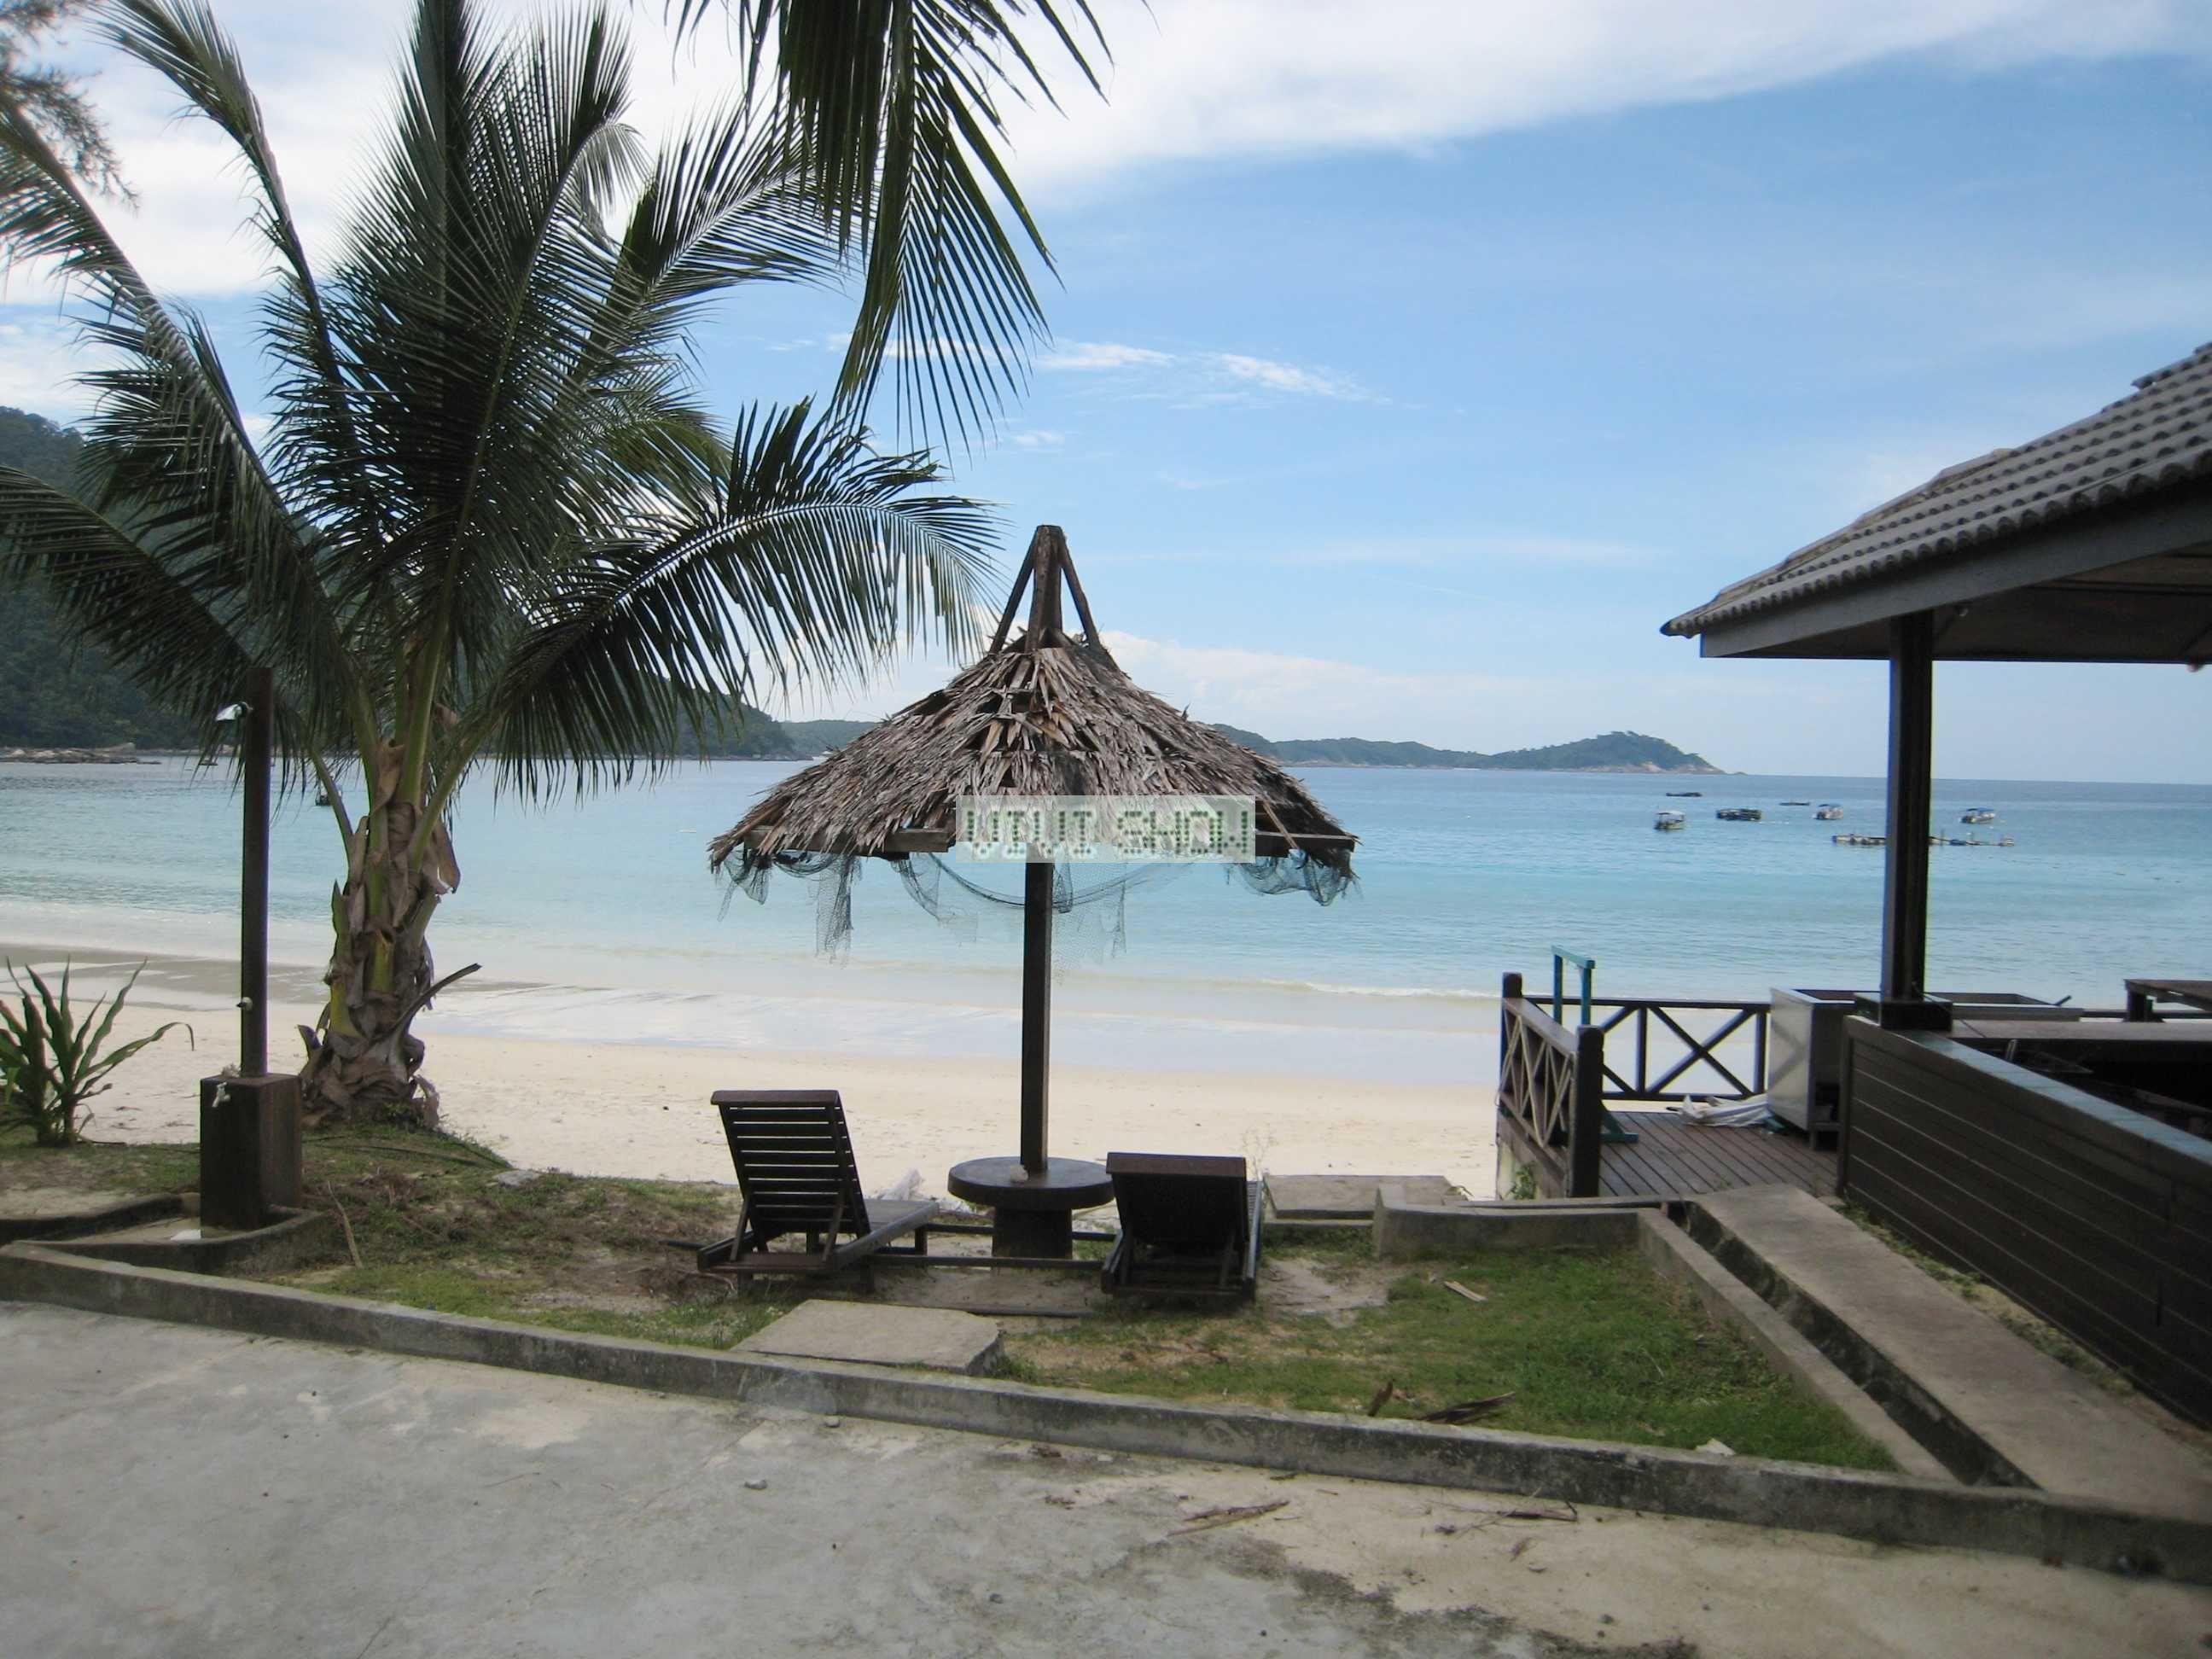 旅游攻略 停泊岛&热浪岛&云顶&吉隆坡8天归来记之一